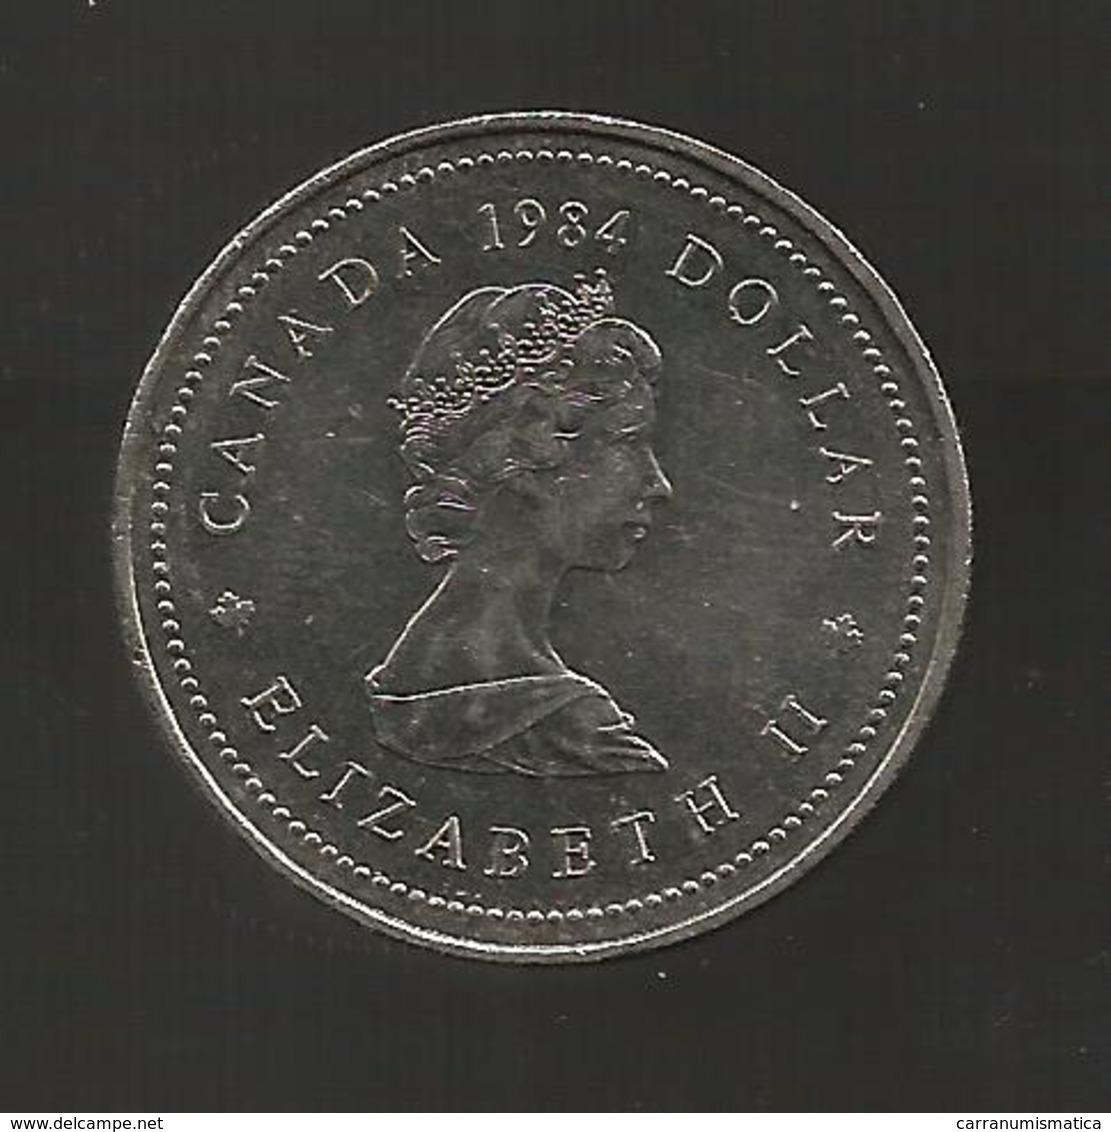 CANADA - ONE DOLLAR ( 1984 ) J. CARTIER - Canada